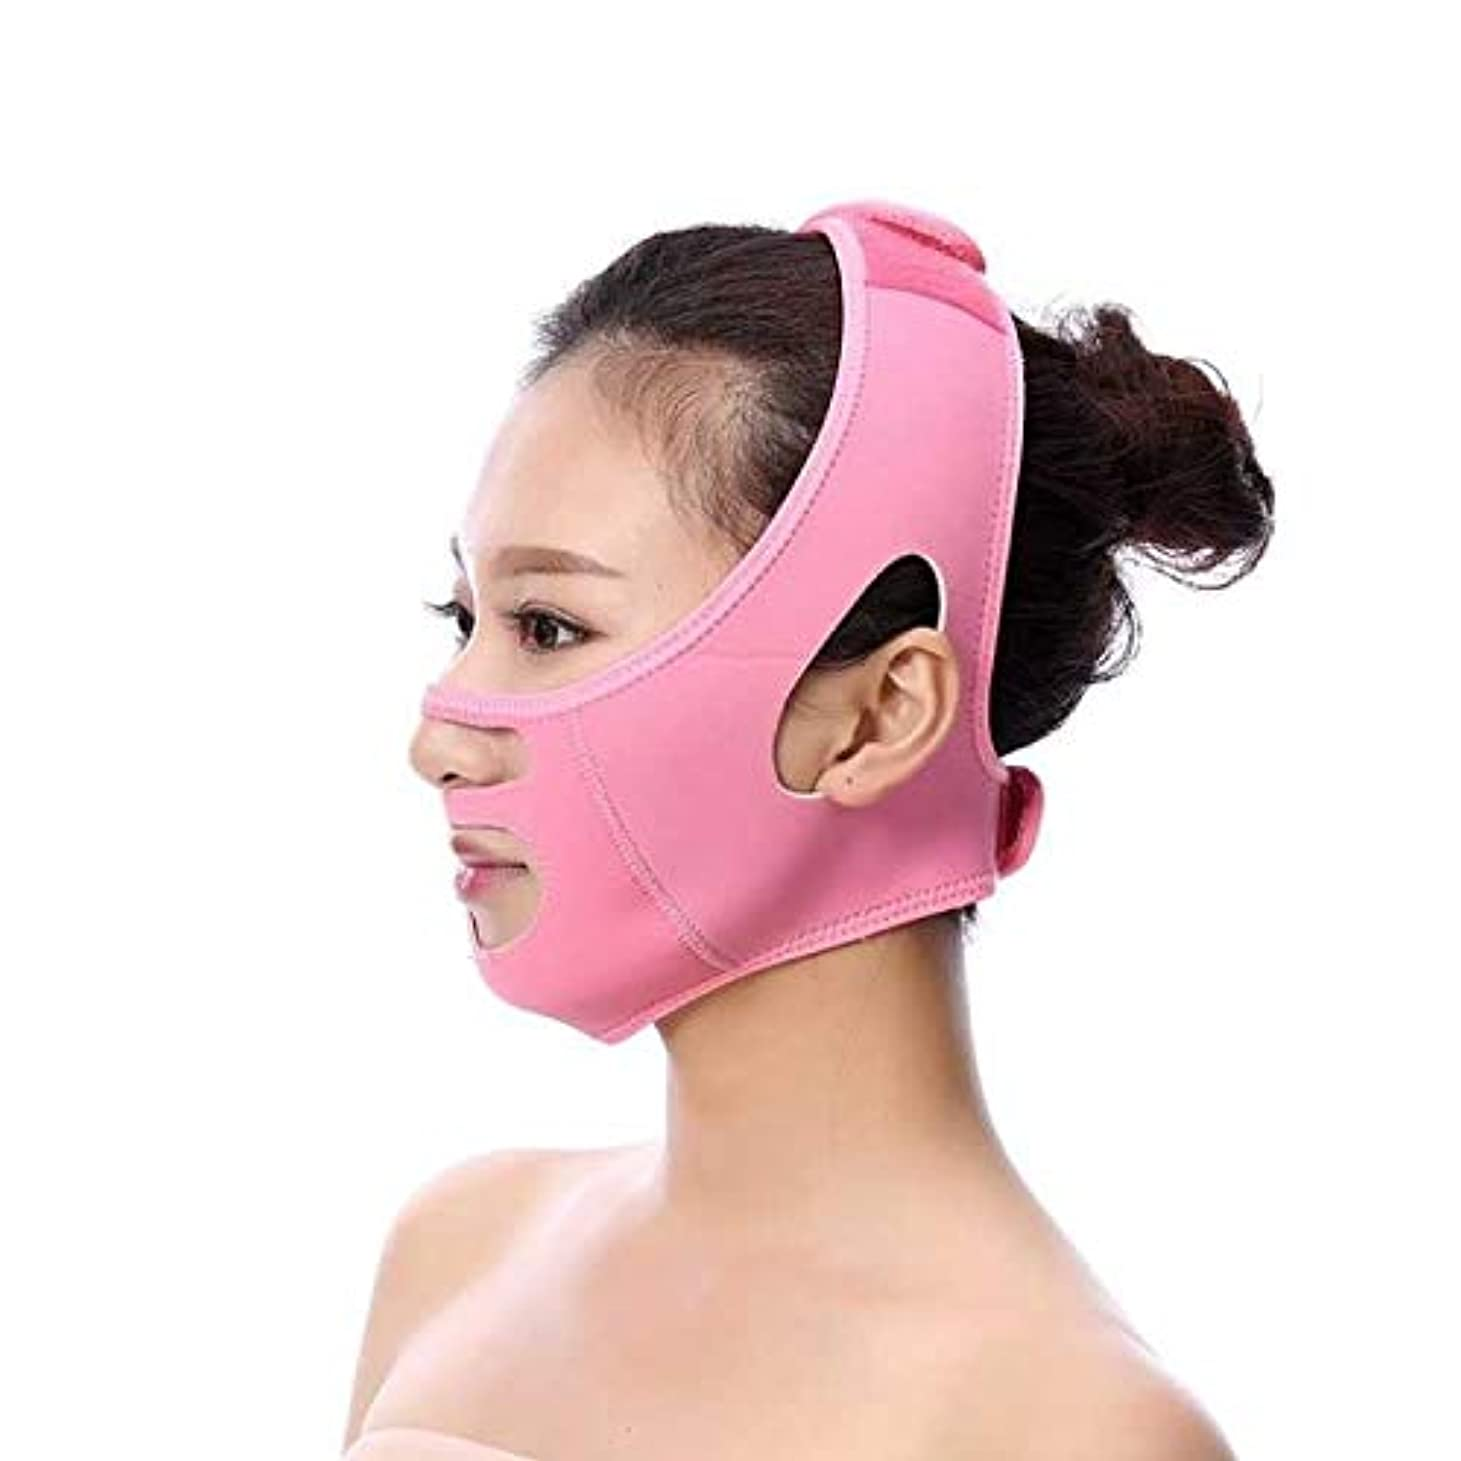 ブロックする受取人連続的HEMFV 二重あご減量フェイスベルトを減らす包帯フェイシャルスリミングマスクリフティングフェイス